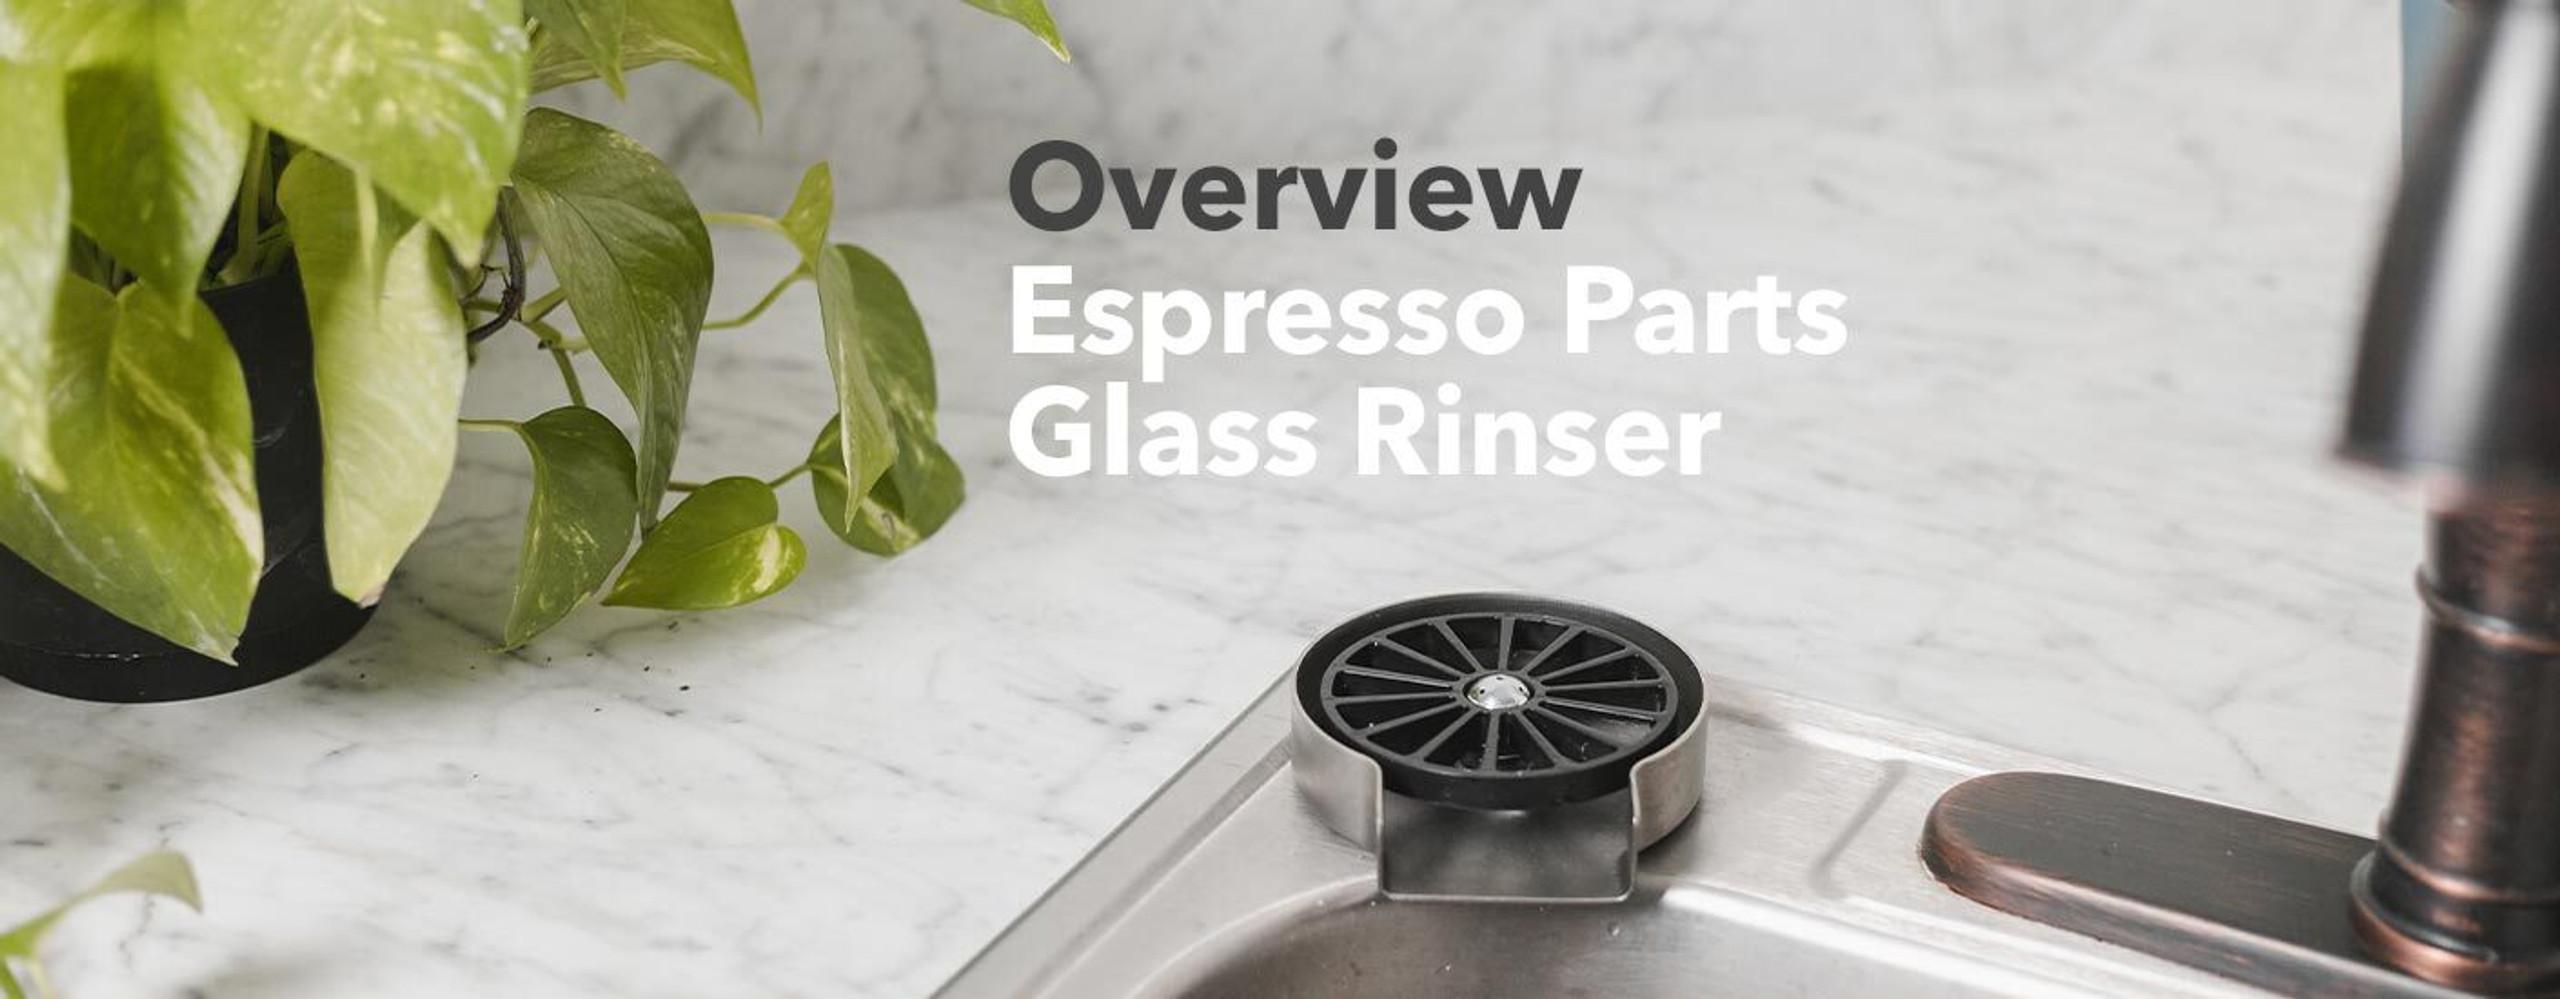 Espresso Parts Glass Rinser